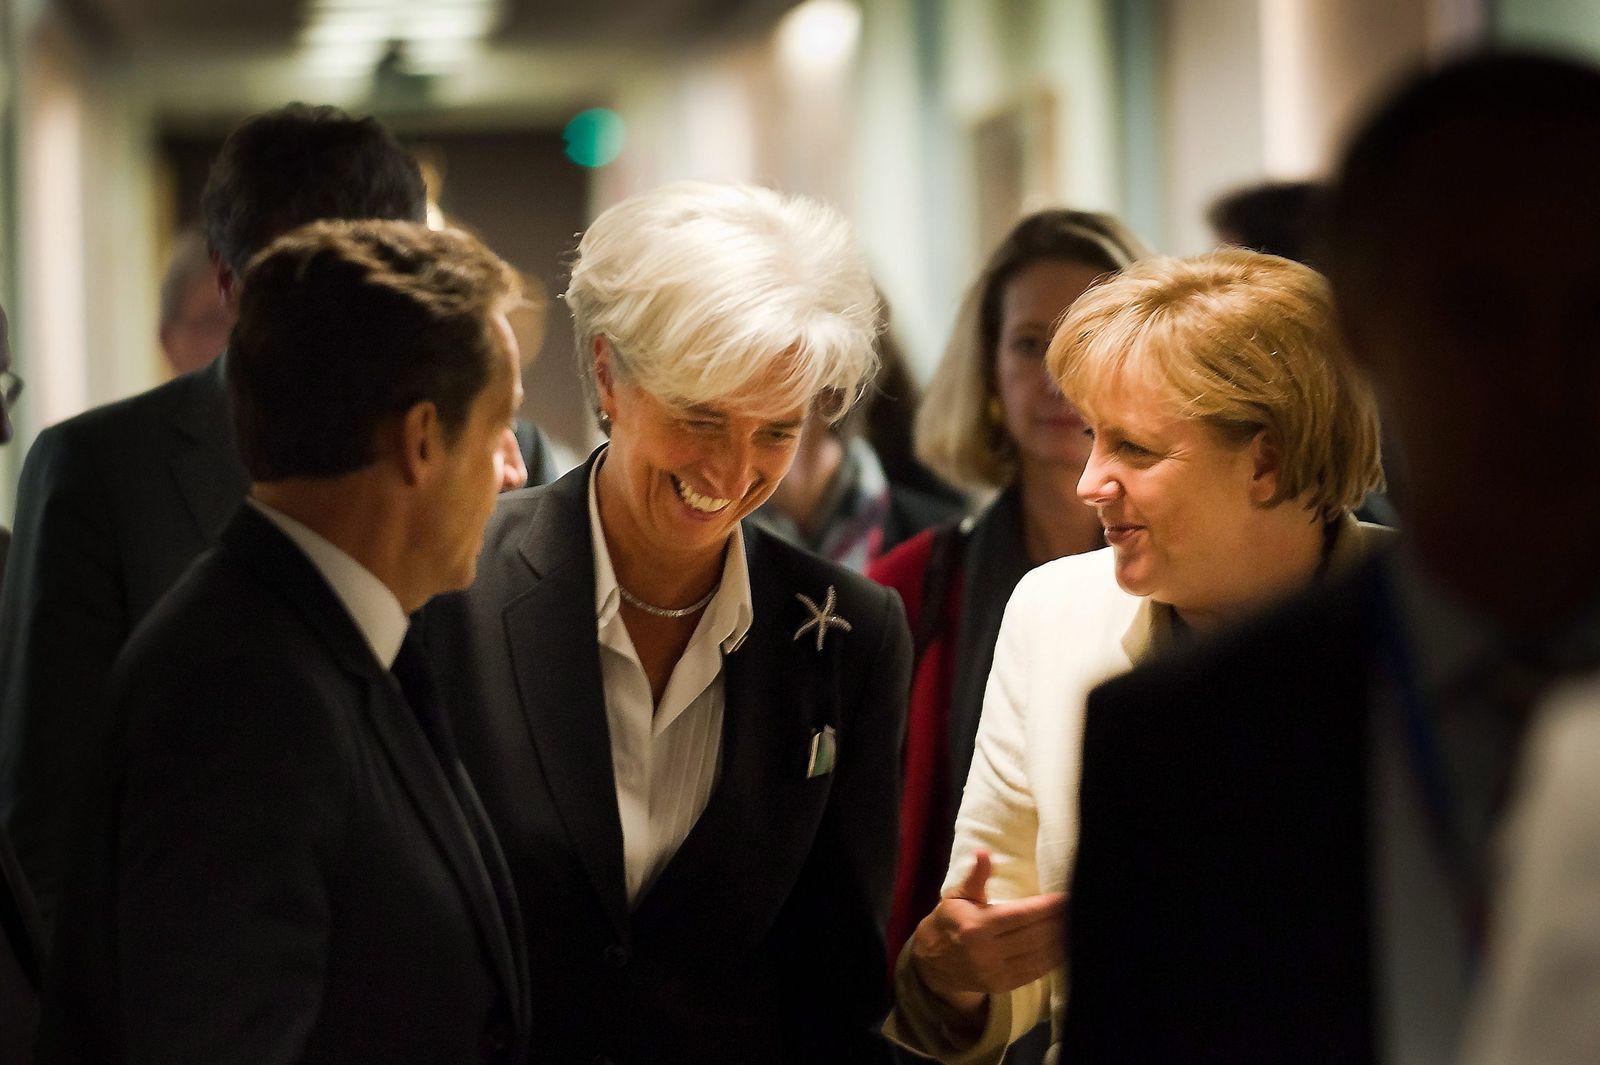 Brüssel / Euro-Krise / Merkel / Sarkozy / Lagarde